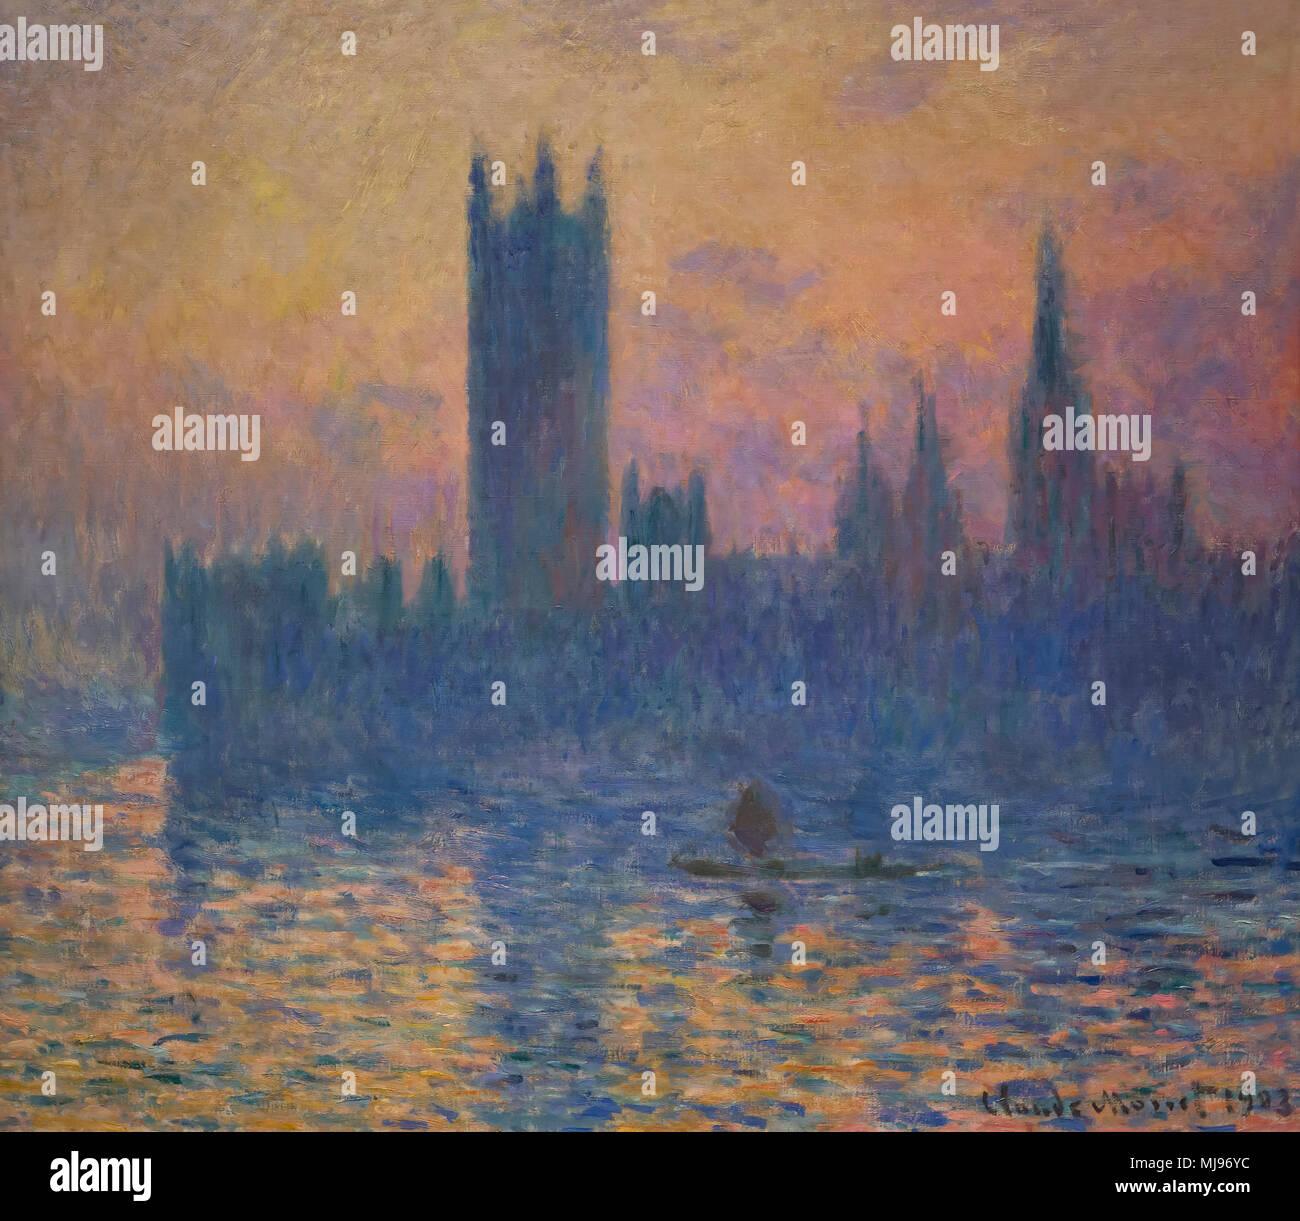 Chambres du Parlement, Coucher de soleil, Claude Monet, 1903, National Gallery of Art, Washington DC, USA, Amérique du Nord Banque D'Images